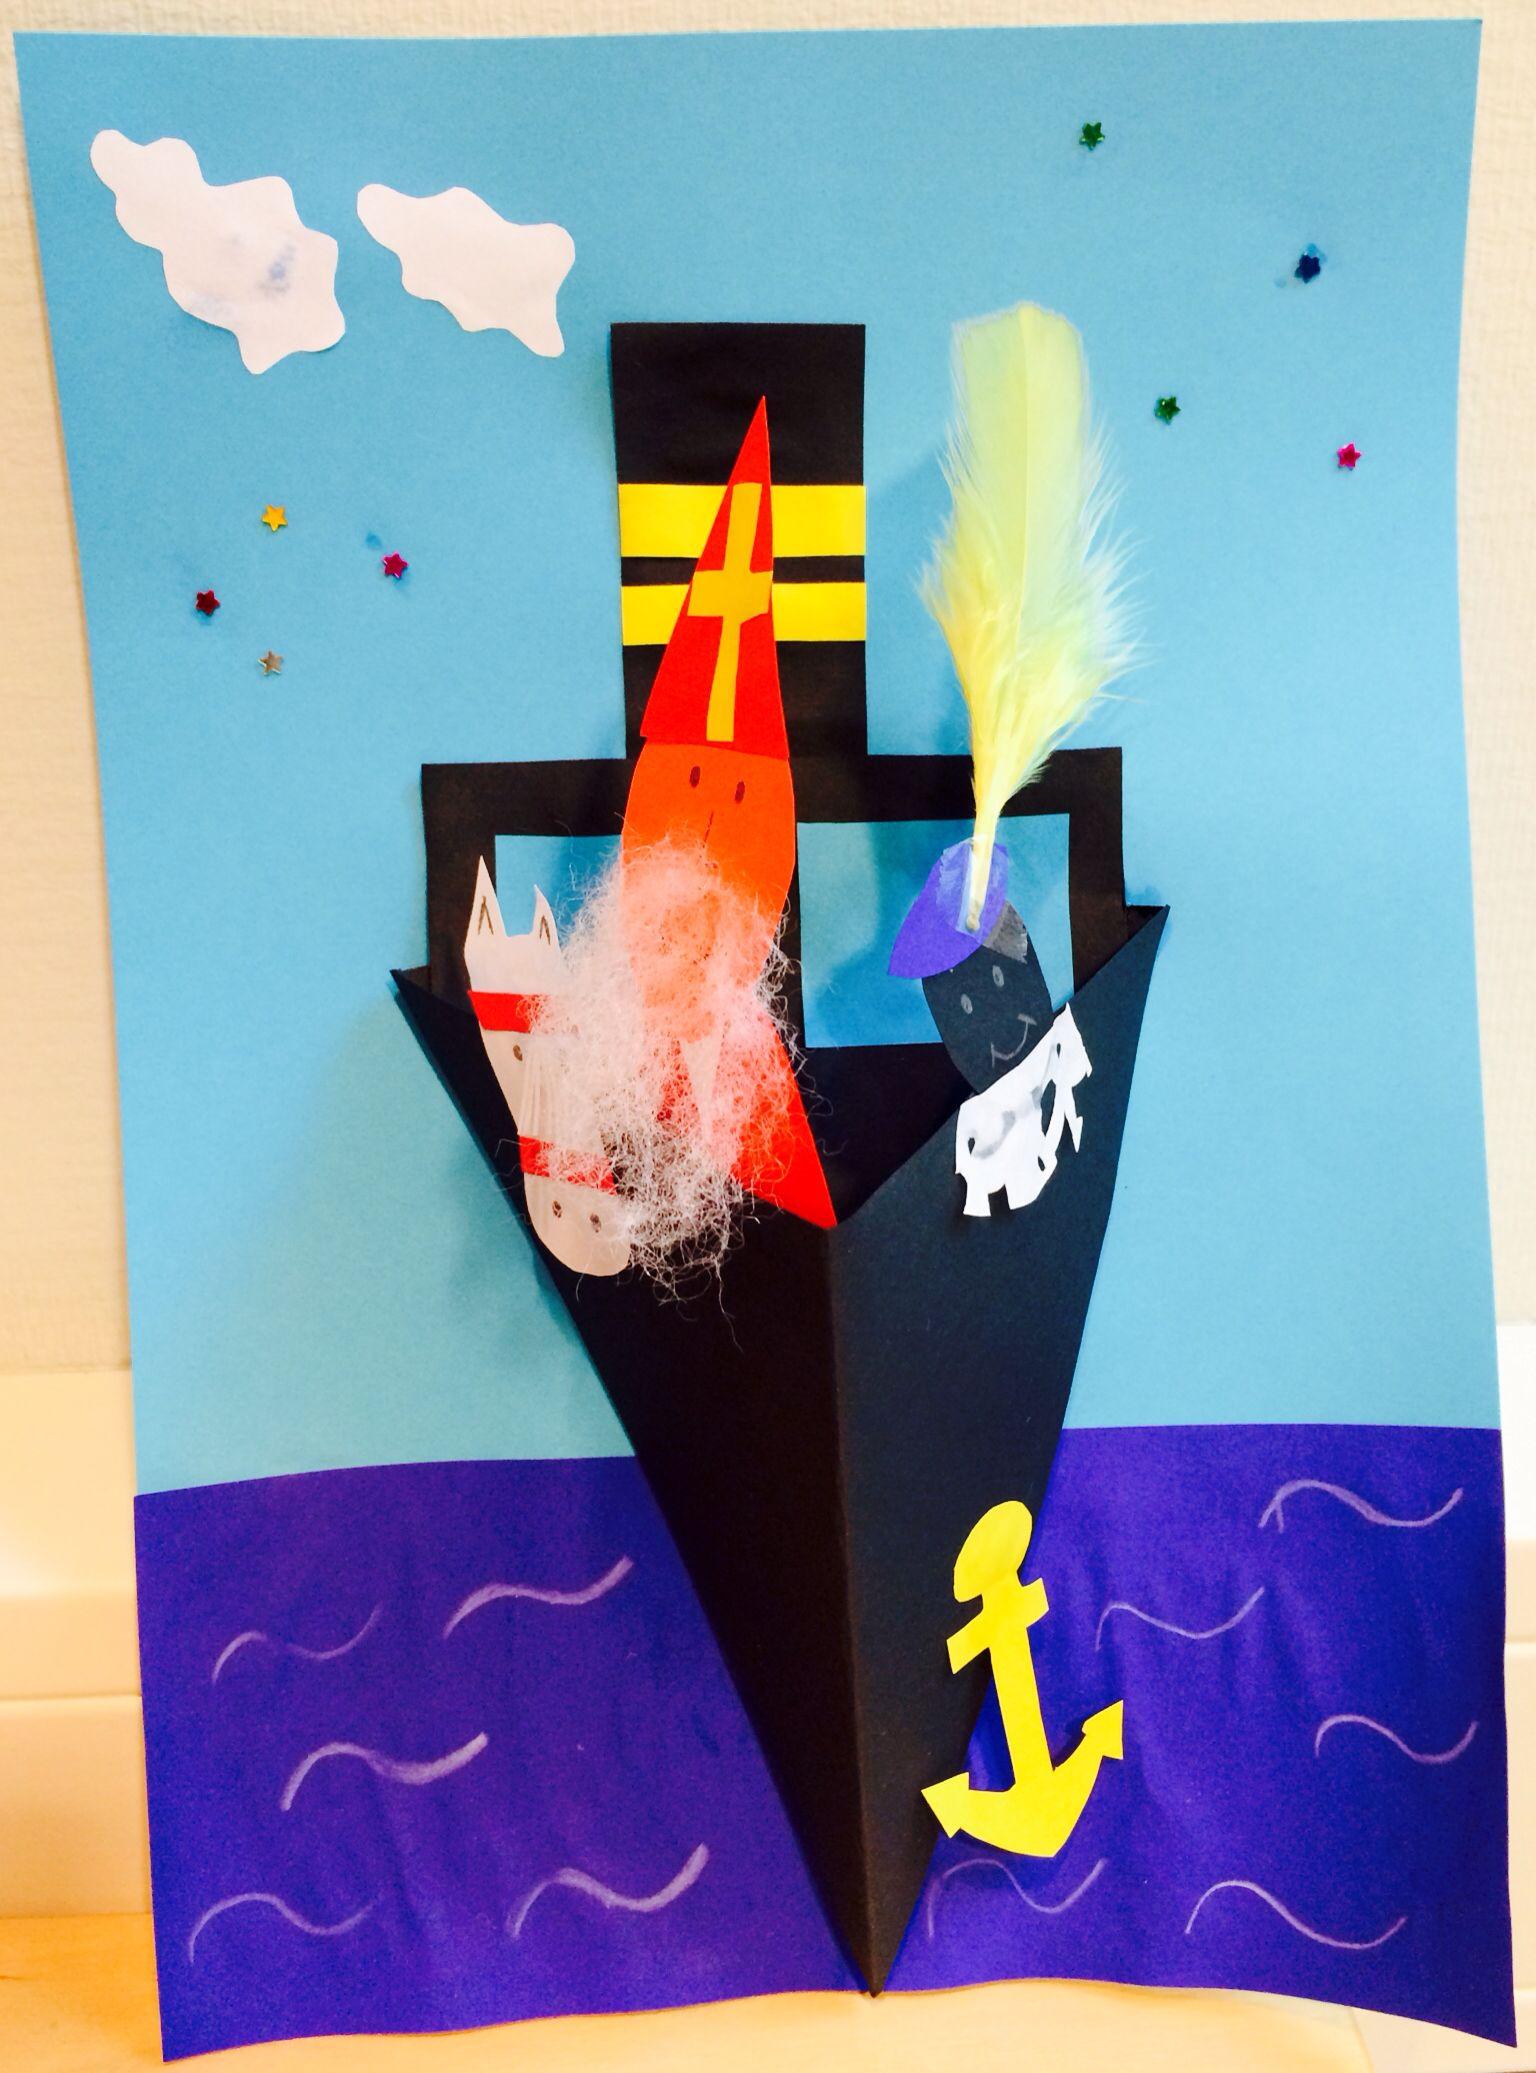 Kleurplaten Thema Sinterklaas.Knutselen Stoomboot Sinterklaas 3d Effect Groep 3 Thema